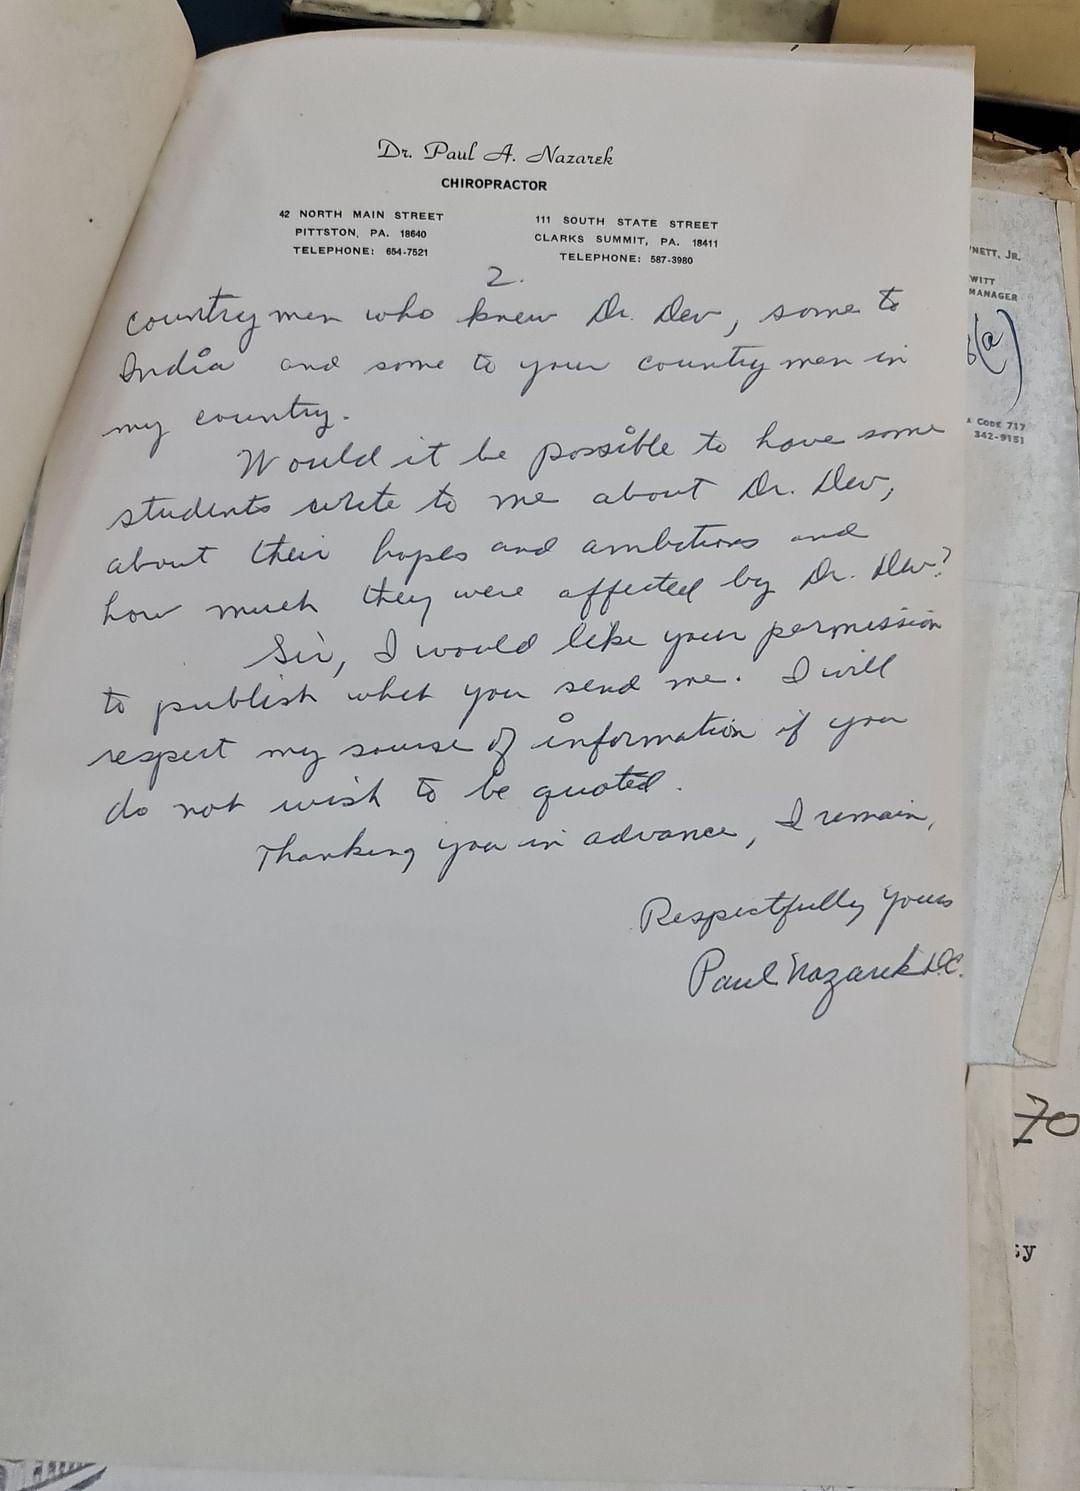 ১৯৭১ সালে ঢাকা বিশ্ববিদ্যালয়কে লেখা নাজারেকের চিঠির একাংশ